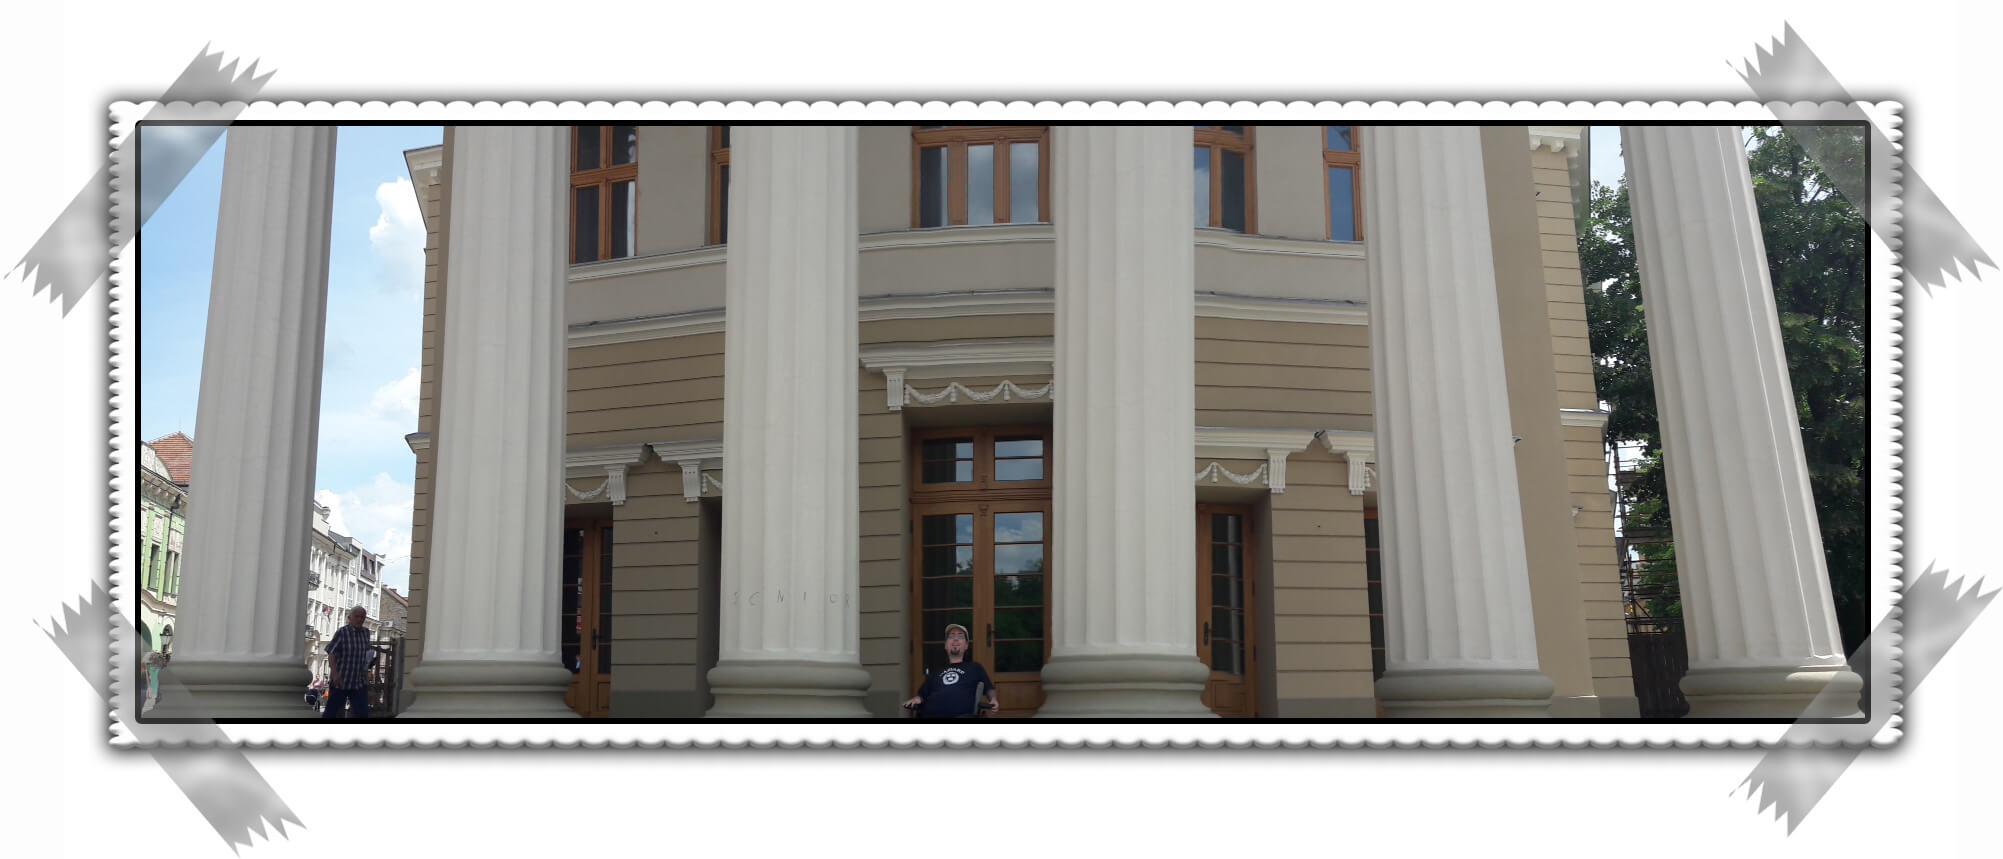 Srbija Subotica Putovanja